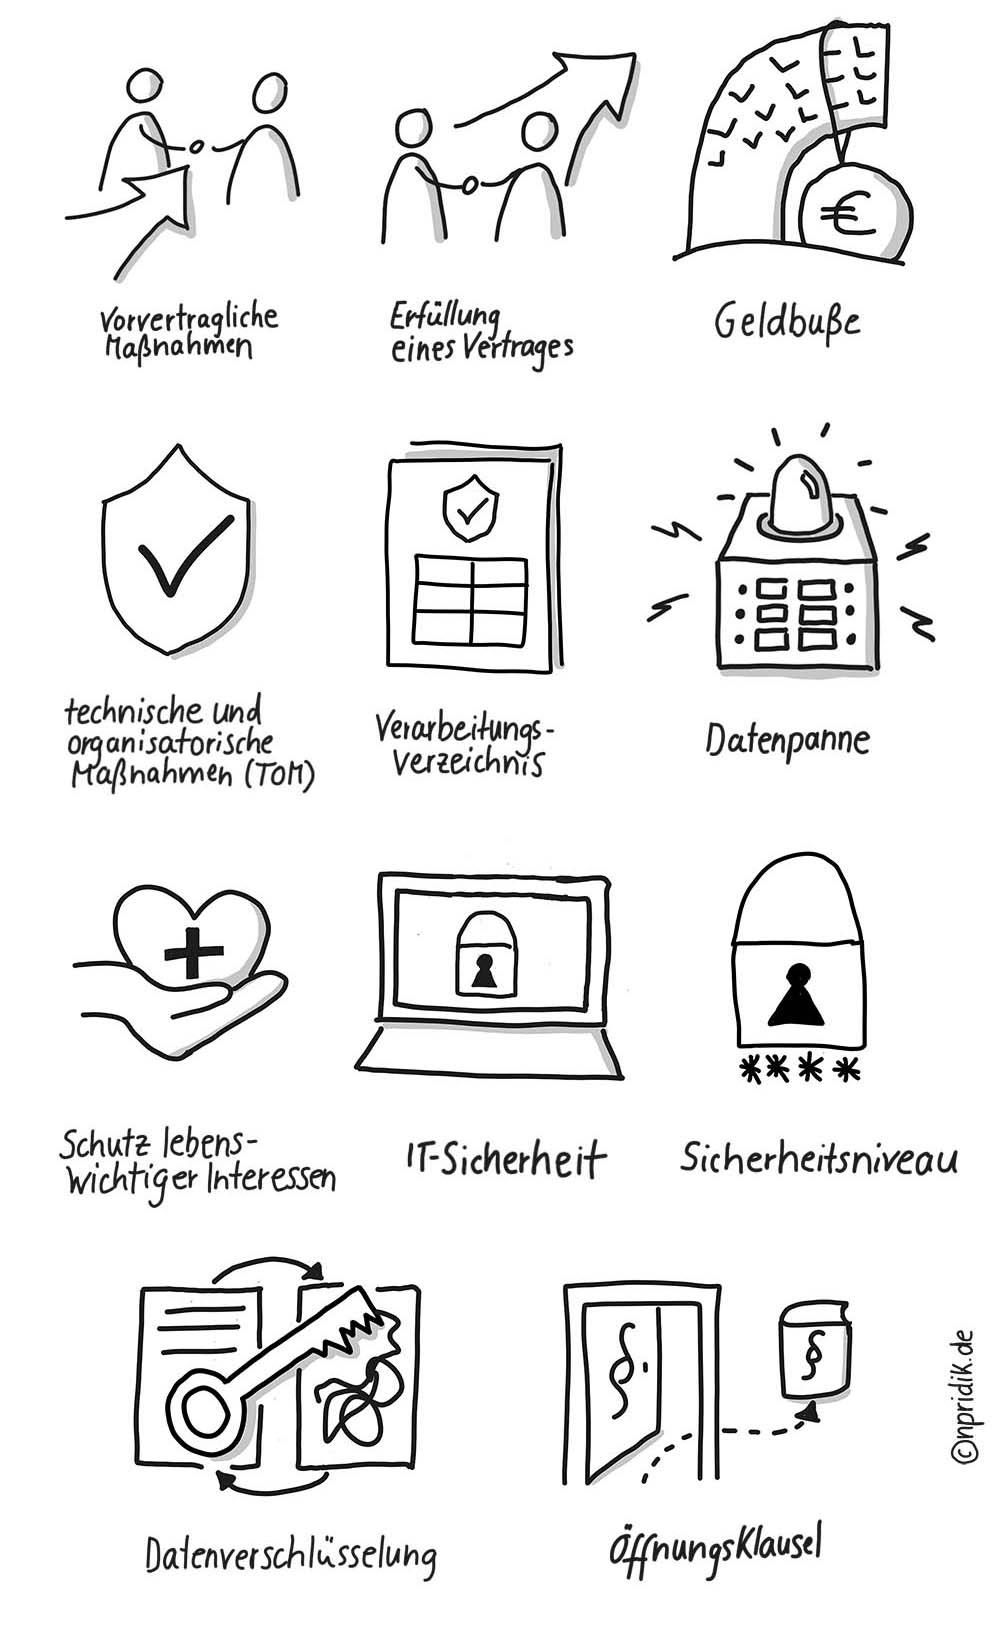 Sonstige Datenschutz-Icons - Teil 2